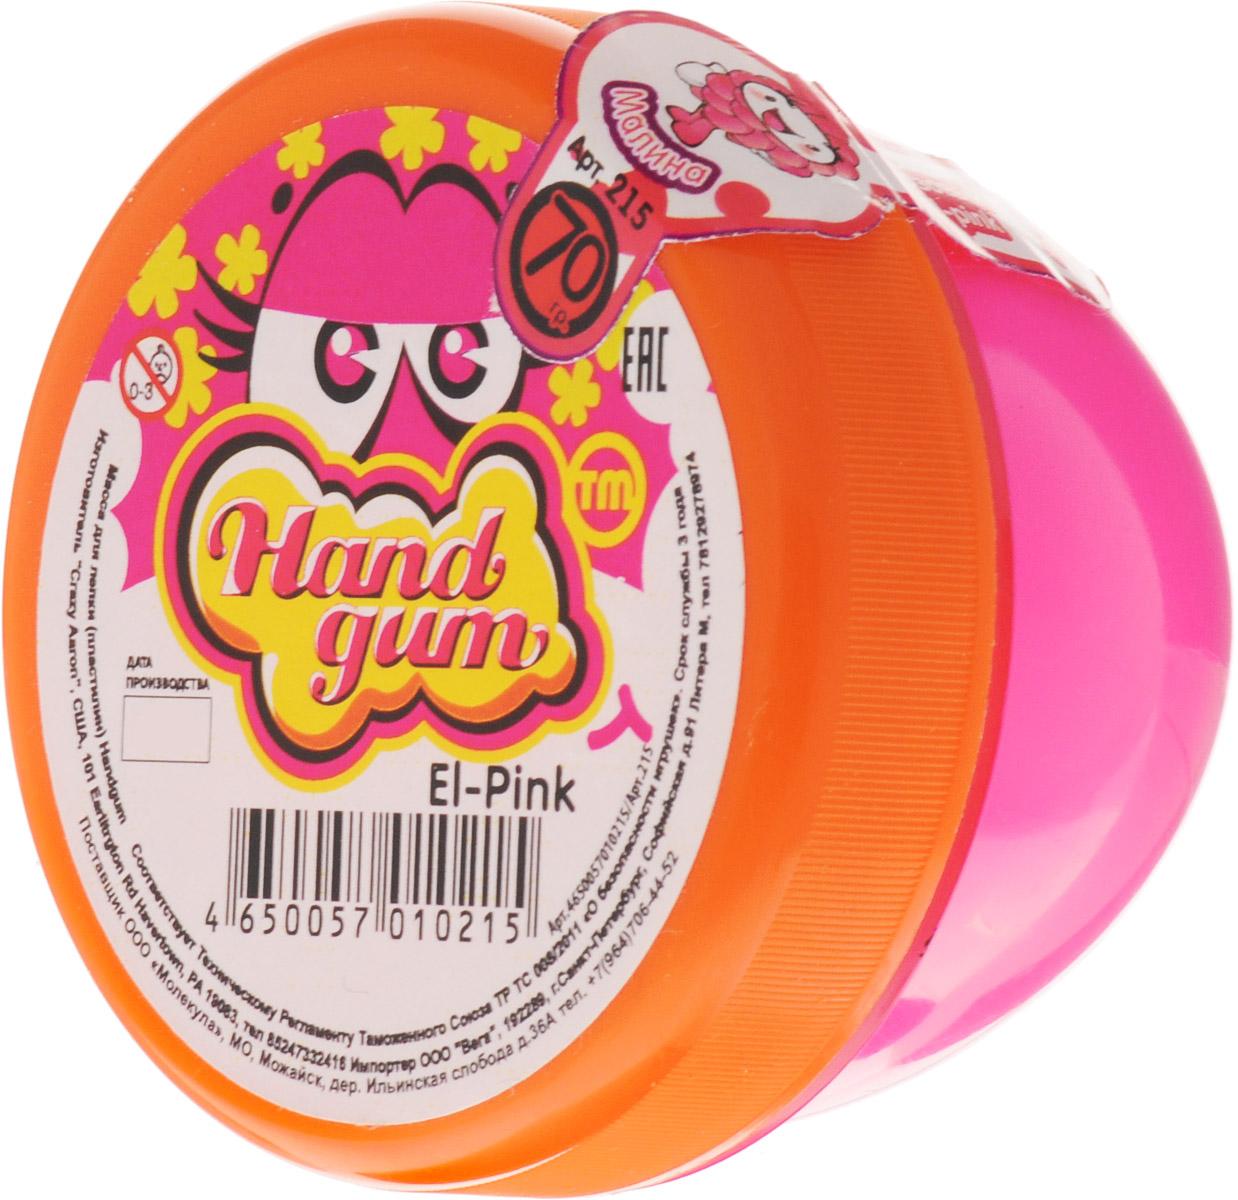 Жвачка для рук  ТМ HandGum , цвет: розовый, с запахом малины, 70 г - Развлекательные игрушки